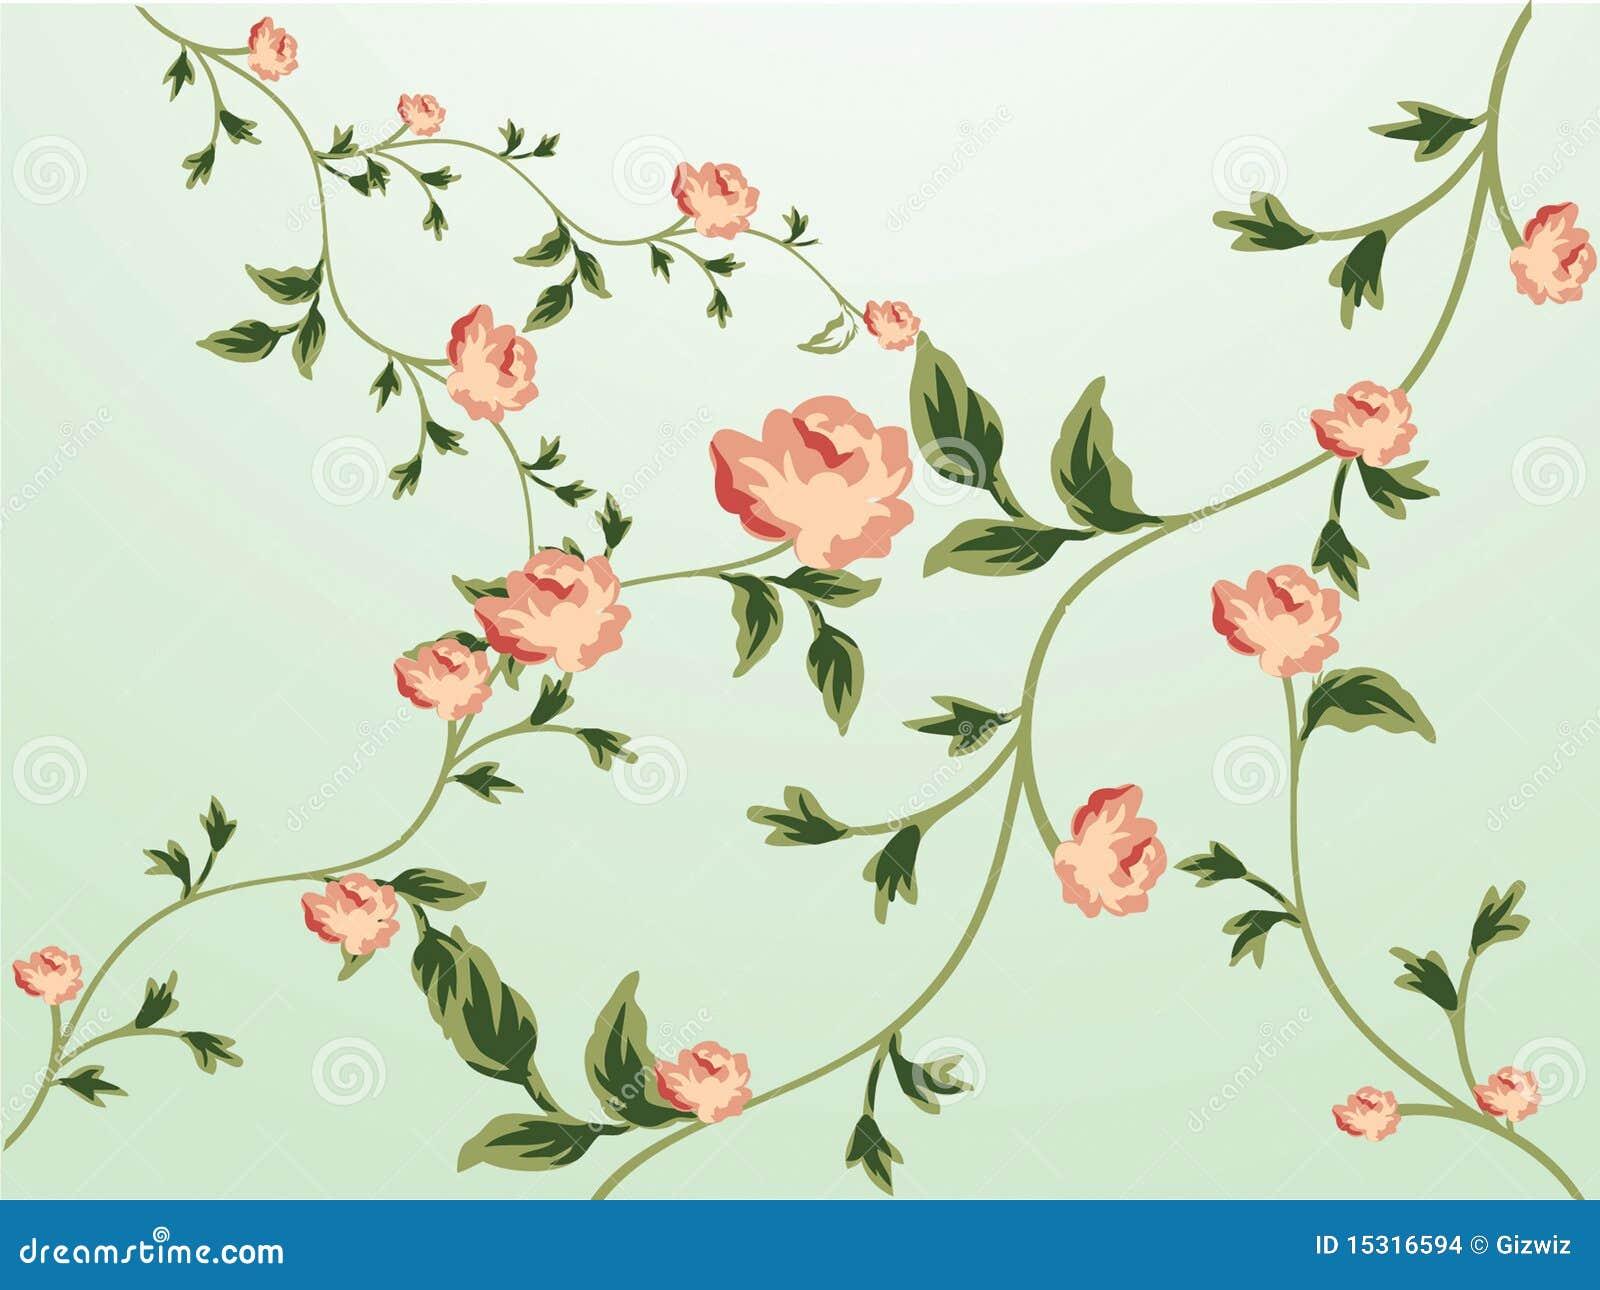 Blumenmuster tapete stockbilder bild 15316594 for Blumenmuster tapete